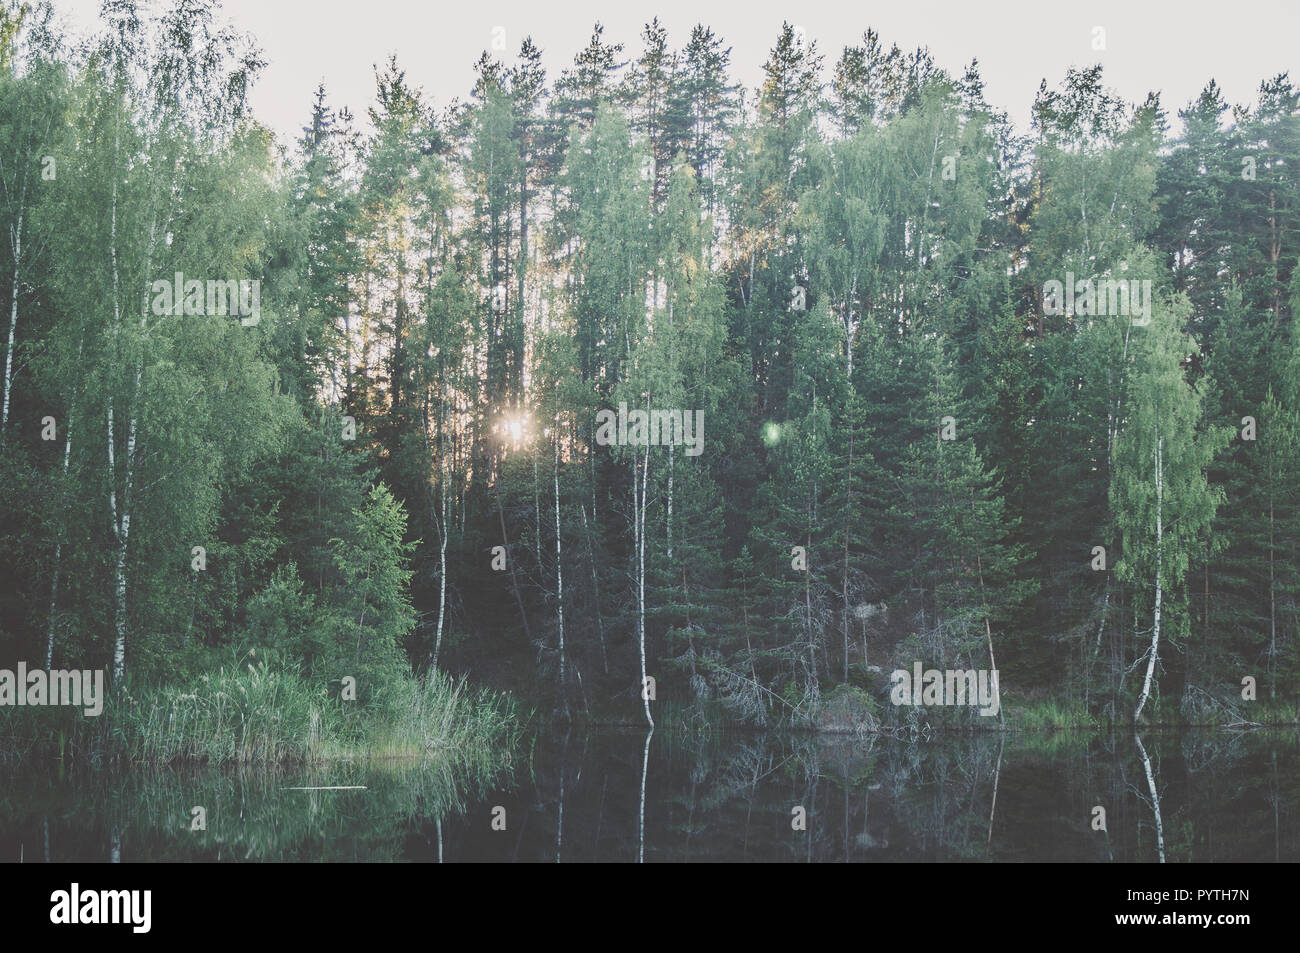 Grüne Landschaft mit grünen Bäumen und Reflexion im Wasser. Sommer. Stockbild